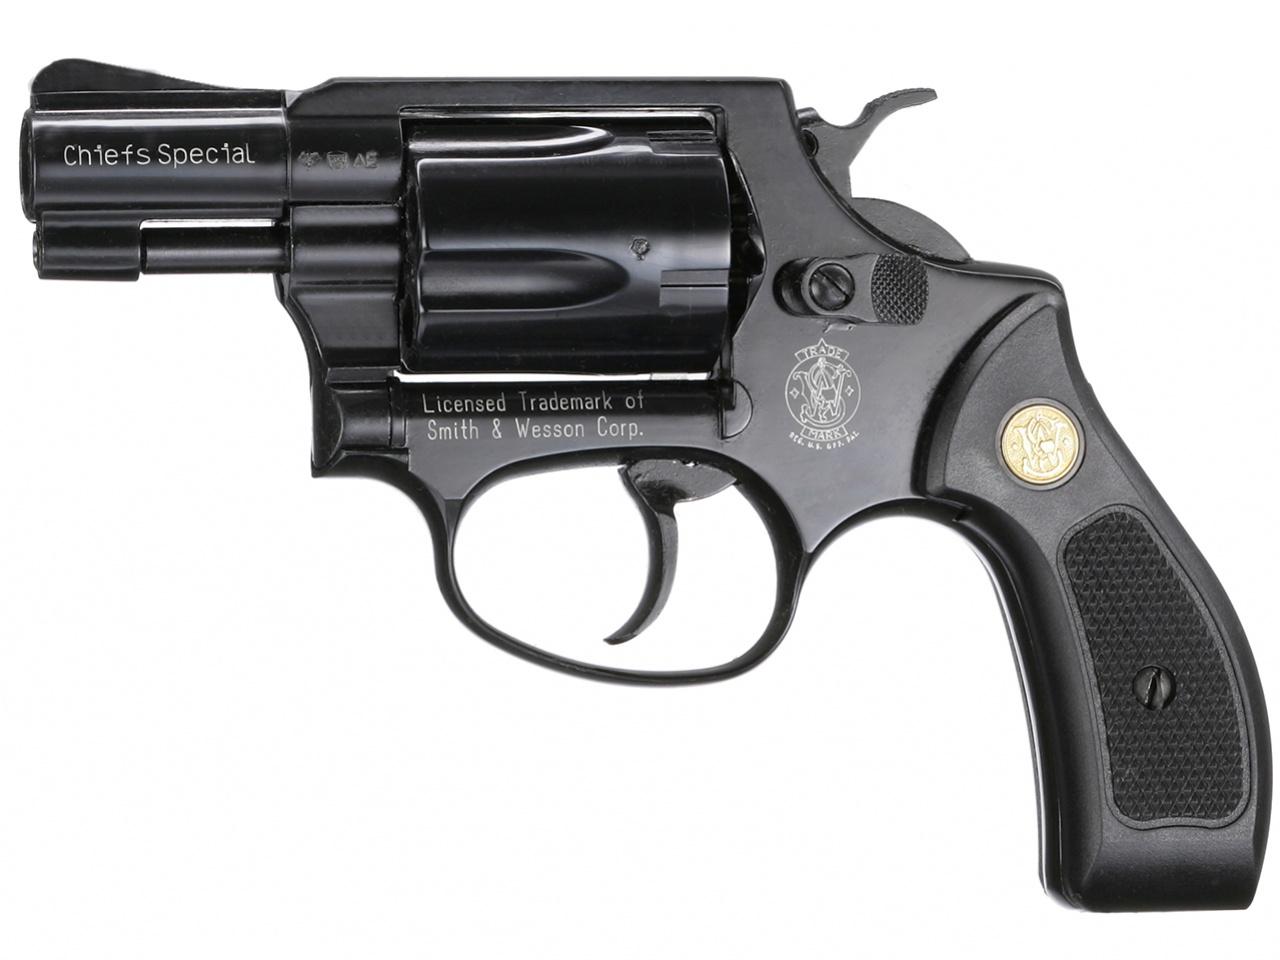 Plynový revolver Smith&Wesson Chiefs Special černý plast cal.9mm